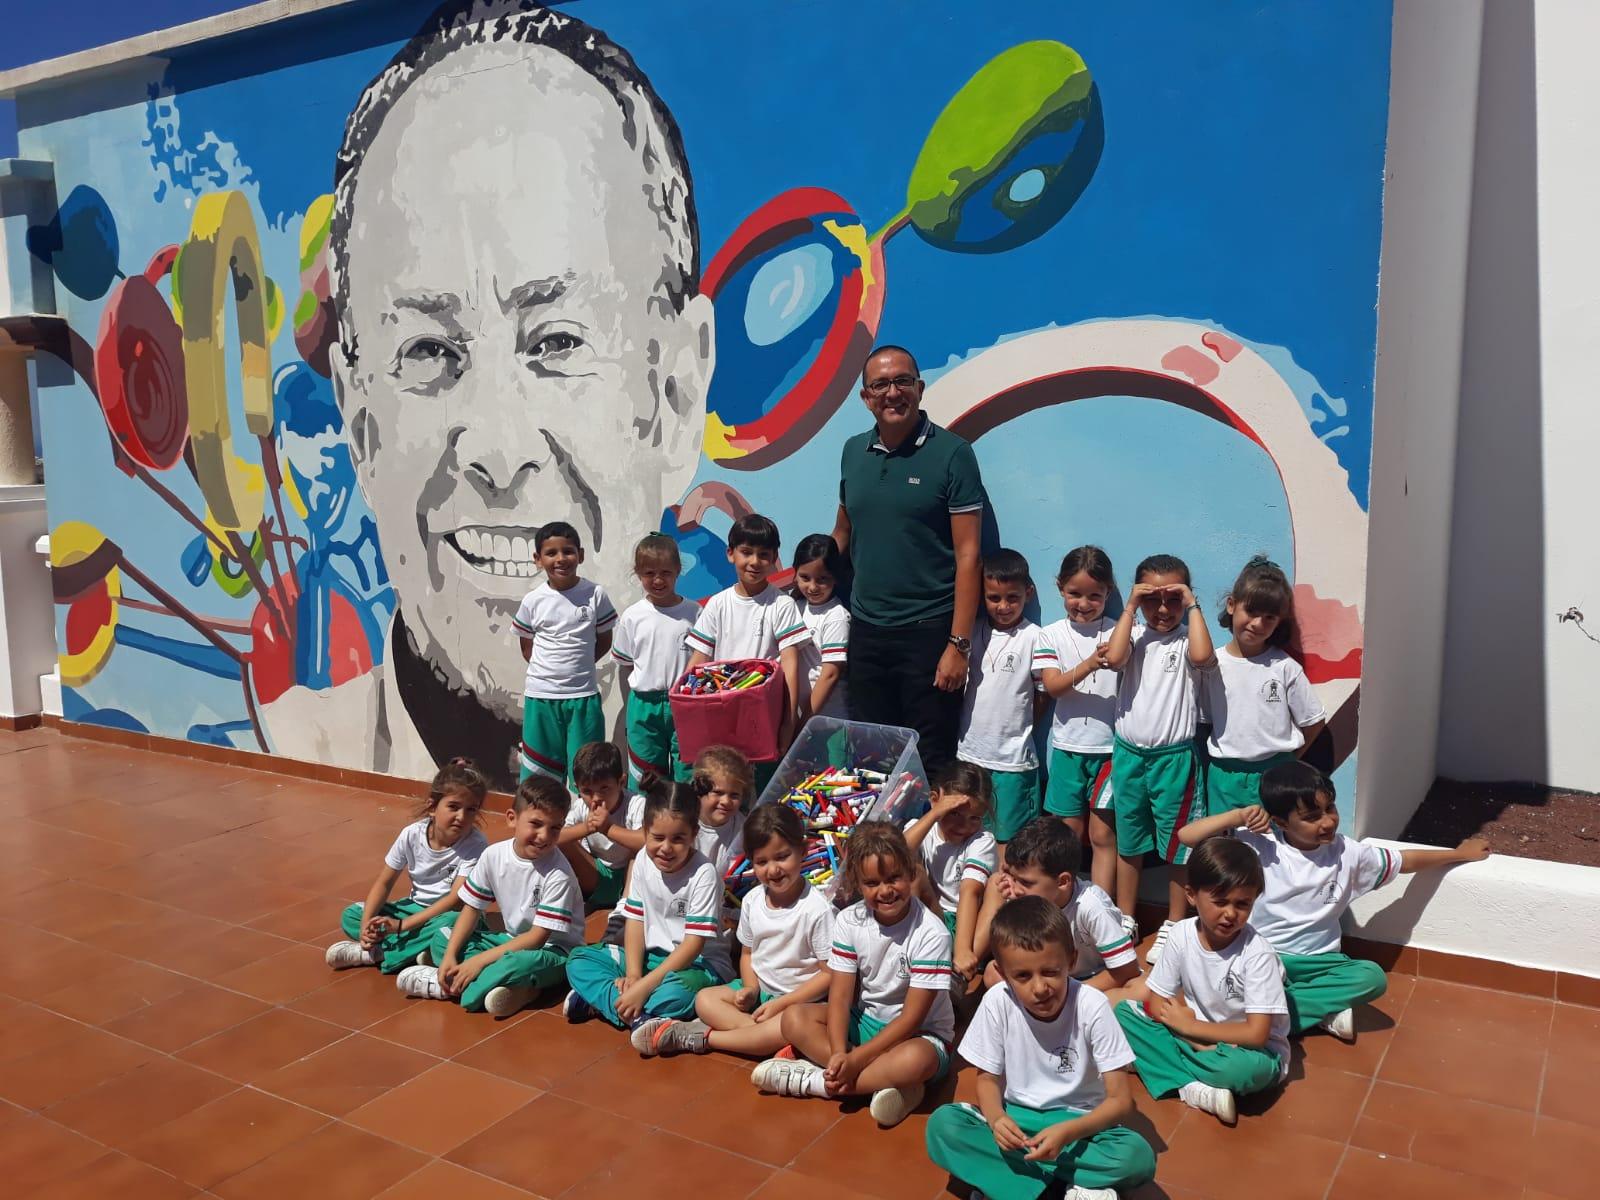 Lanzarote ha reciclado 142,7 kg de material de escritura inservible a través de la campaña 'Operación Reciboli'